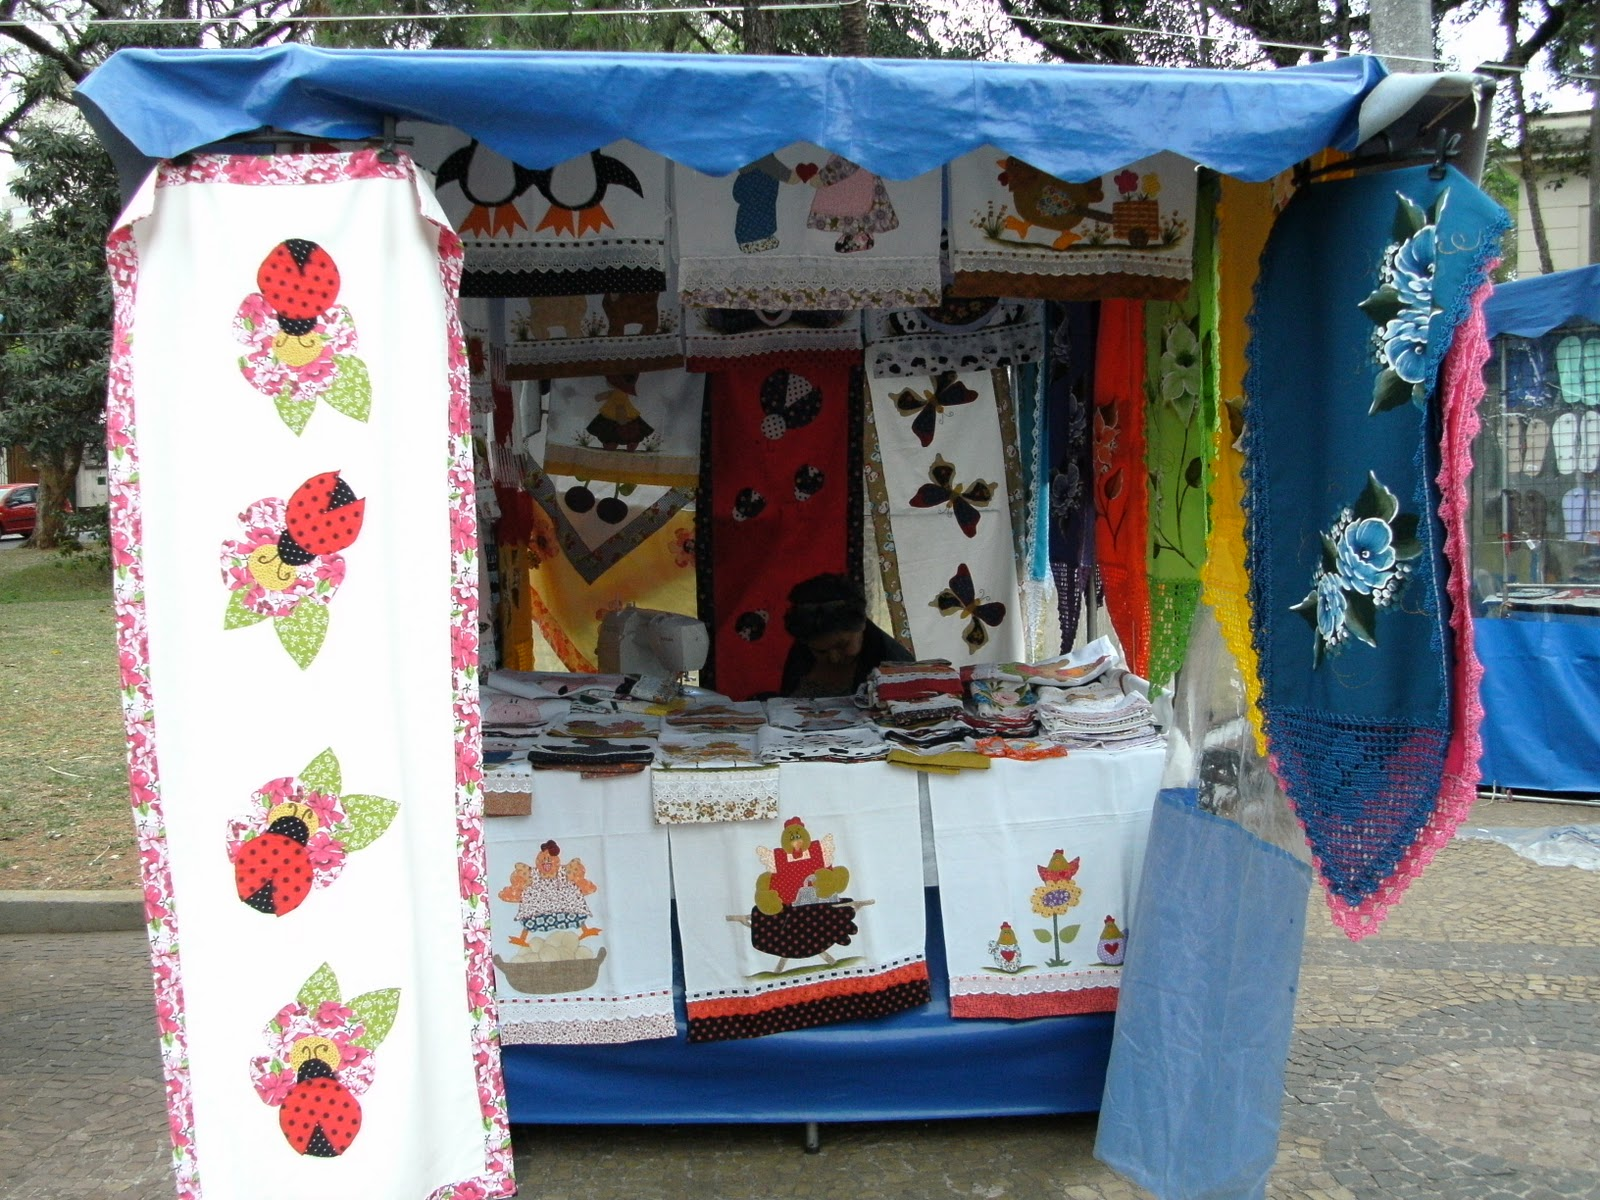 Armario Ropero Sinonimos ~ feira de artesanato em Sorocaba PINTURA EM TECIDOS PLÁSTICOS JATEADOS